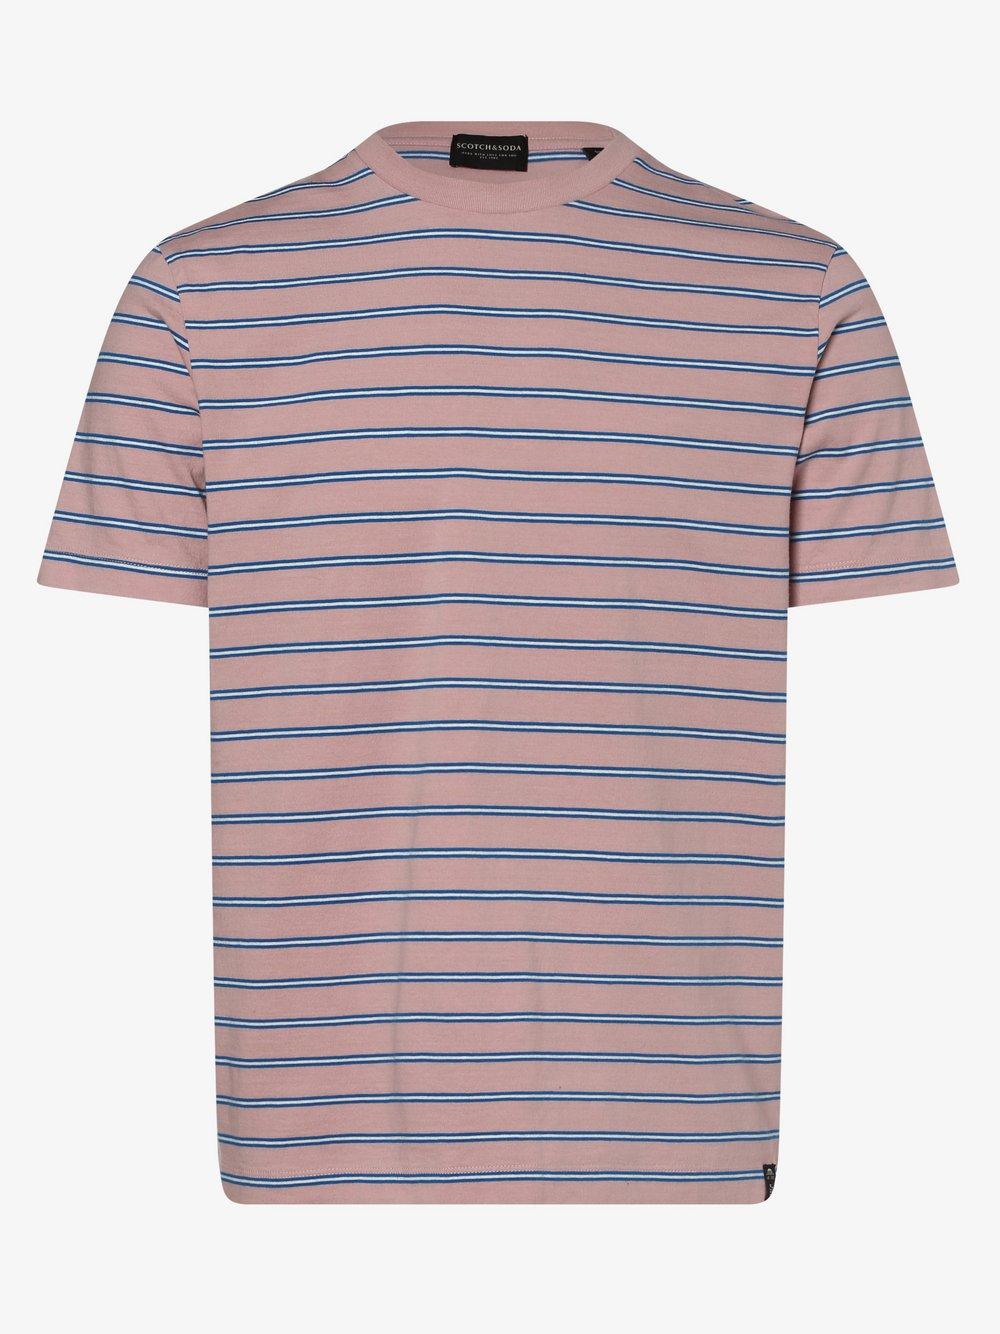 Scotch & Soda - T-shirt męski, różowy